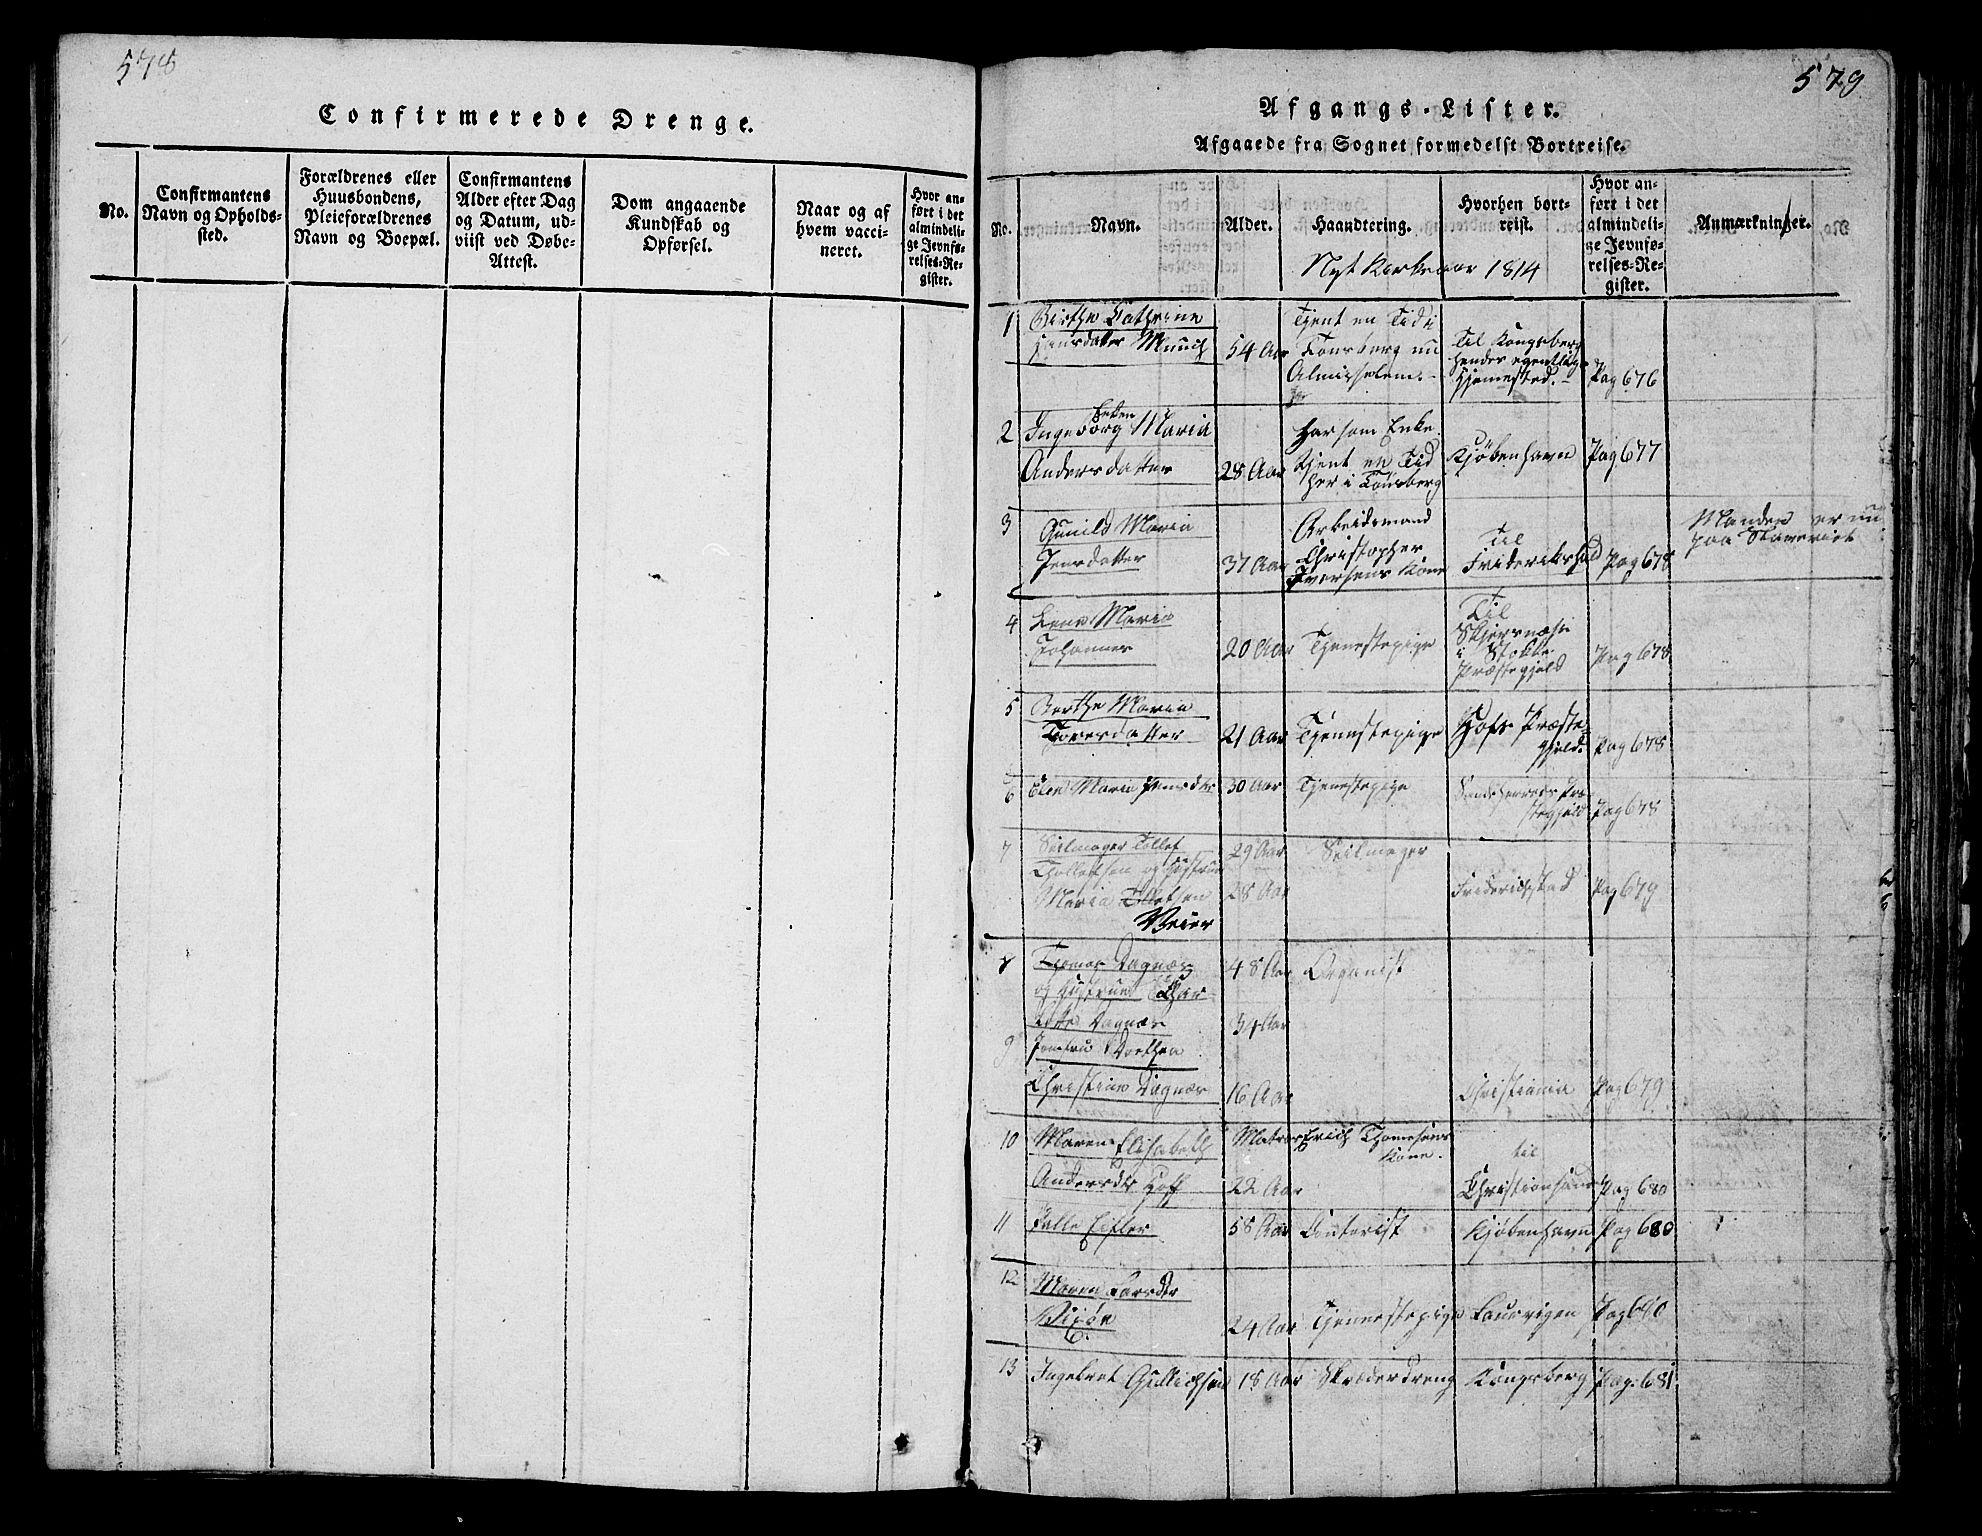 SAKO, Tønsberg kirkebøker, G/Ga/L0001: Klokkerbok nr. 1, 1813-1826, s. 578-579